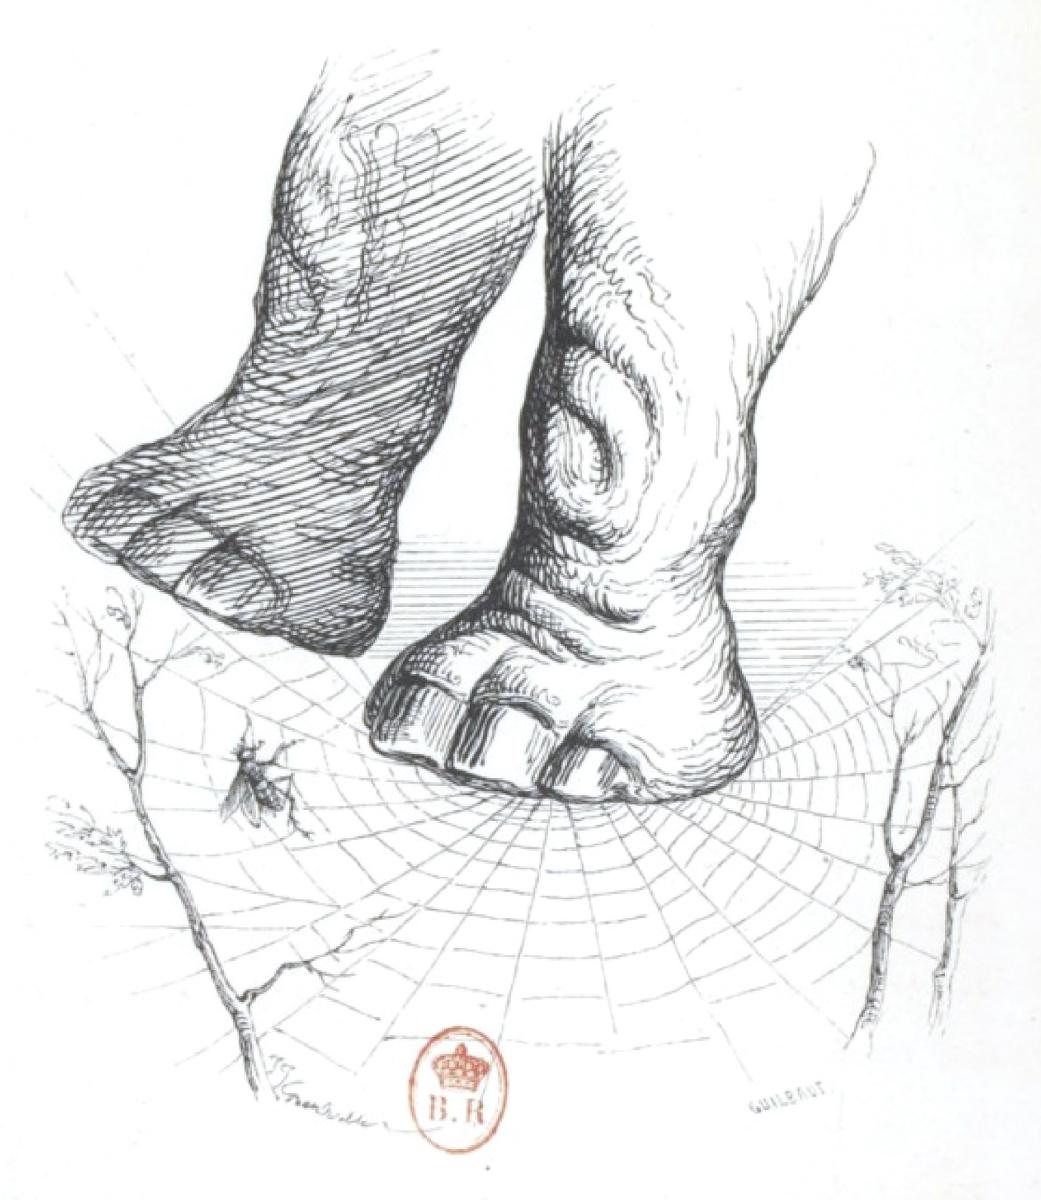 """Жан Иньяс Изидор (Жерар) Гранвиль. Слон в паучьем гамаке. """"Сцены общественной и частной жизни животных"""""""